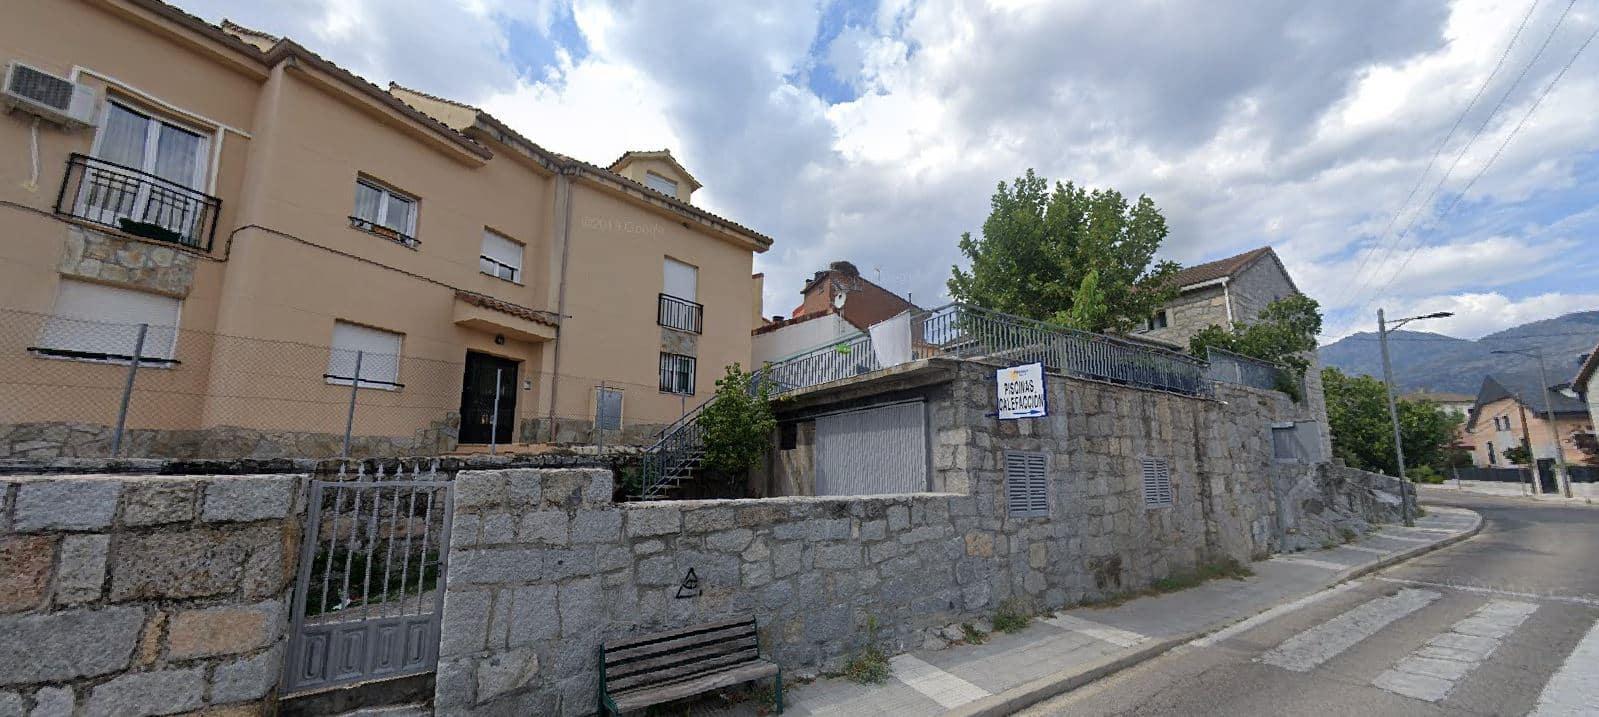 Registro civil - Juzgado de Paz Manzanares el Real